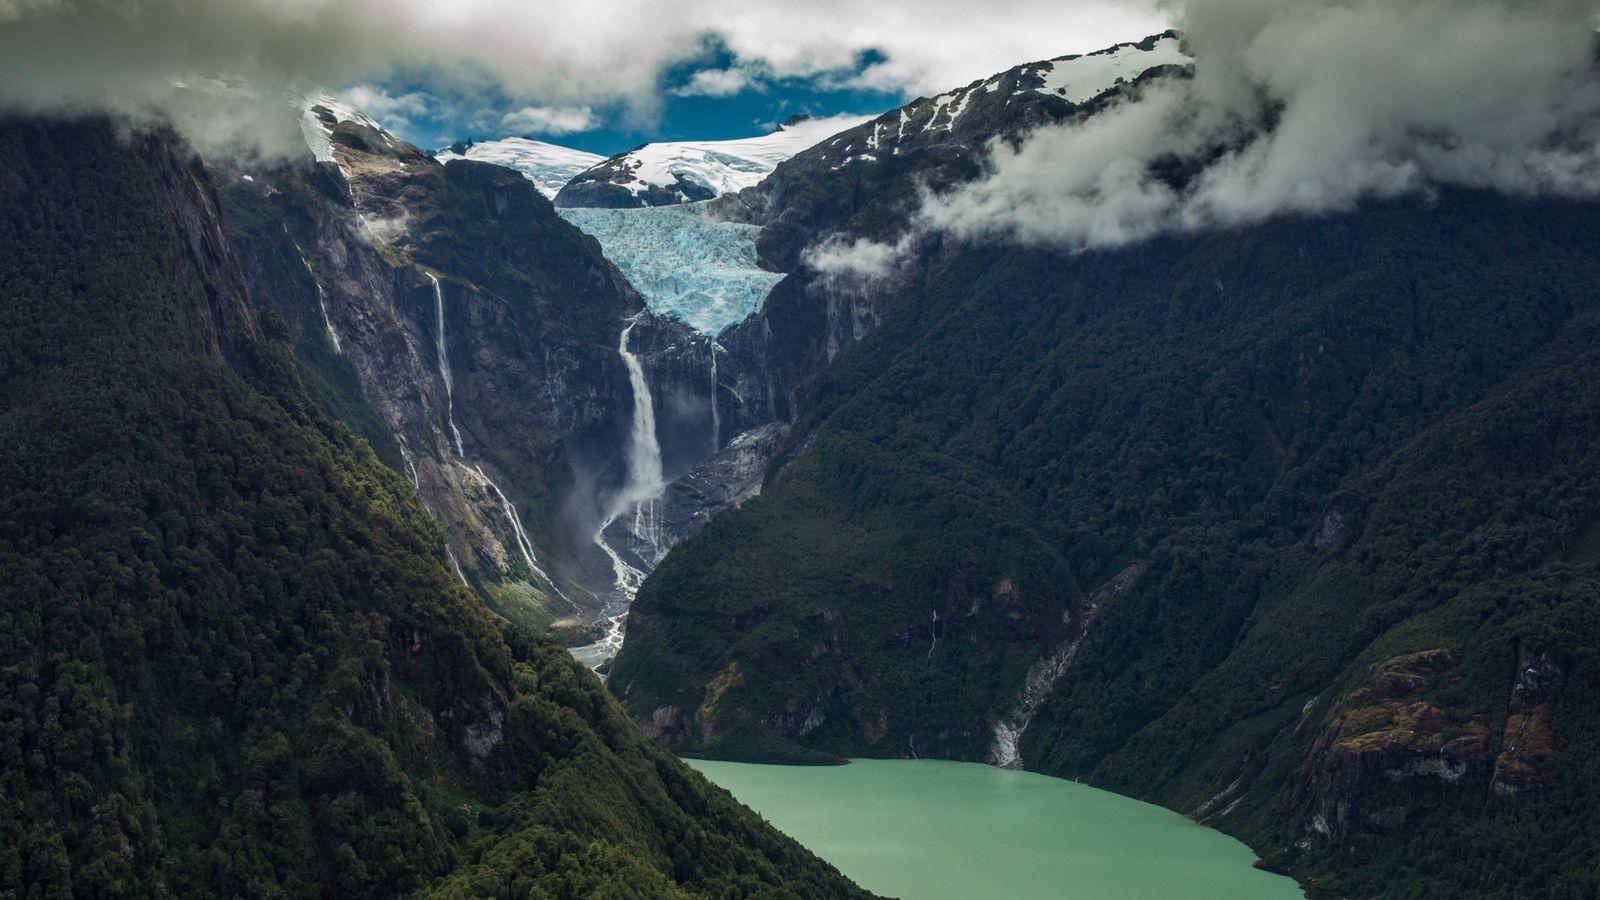 Quedas de água a cair de um glaciar suspenso, no Parque Nacional de Quelat, uma vista ...